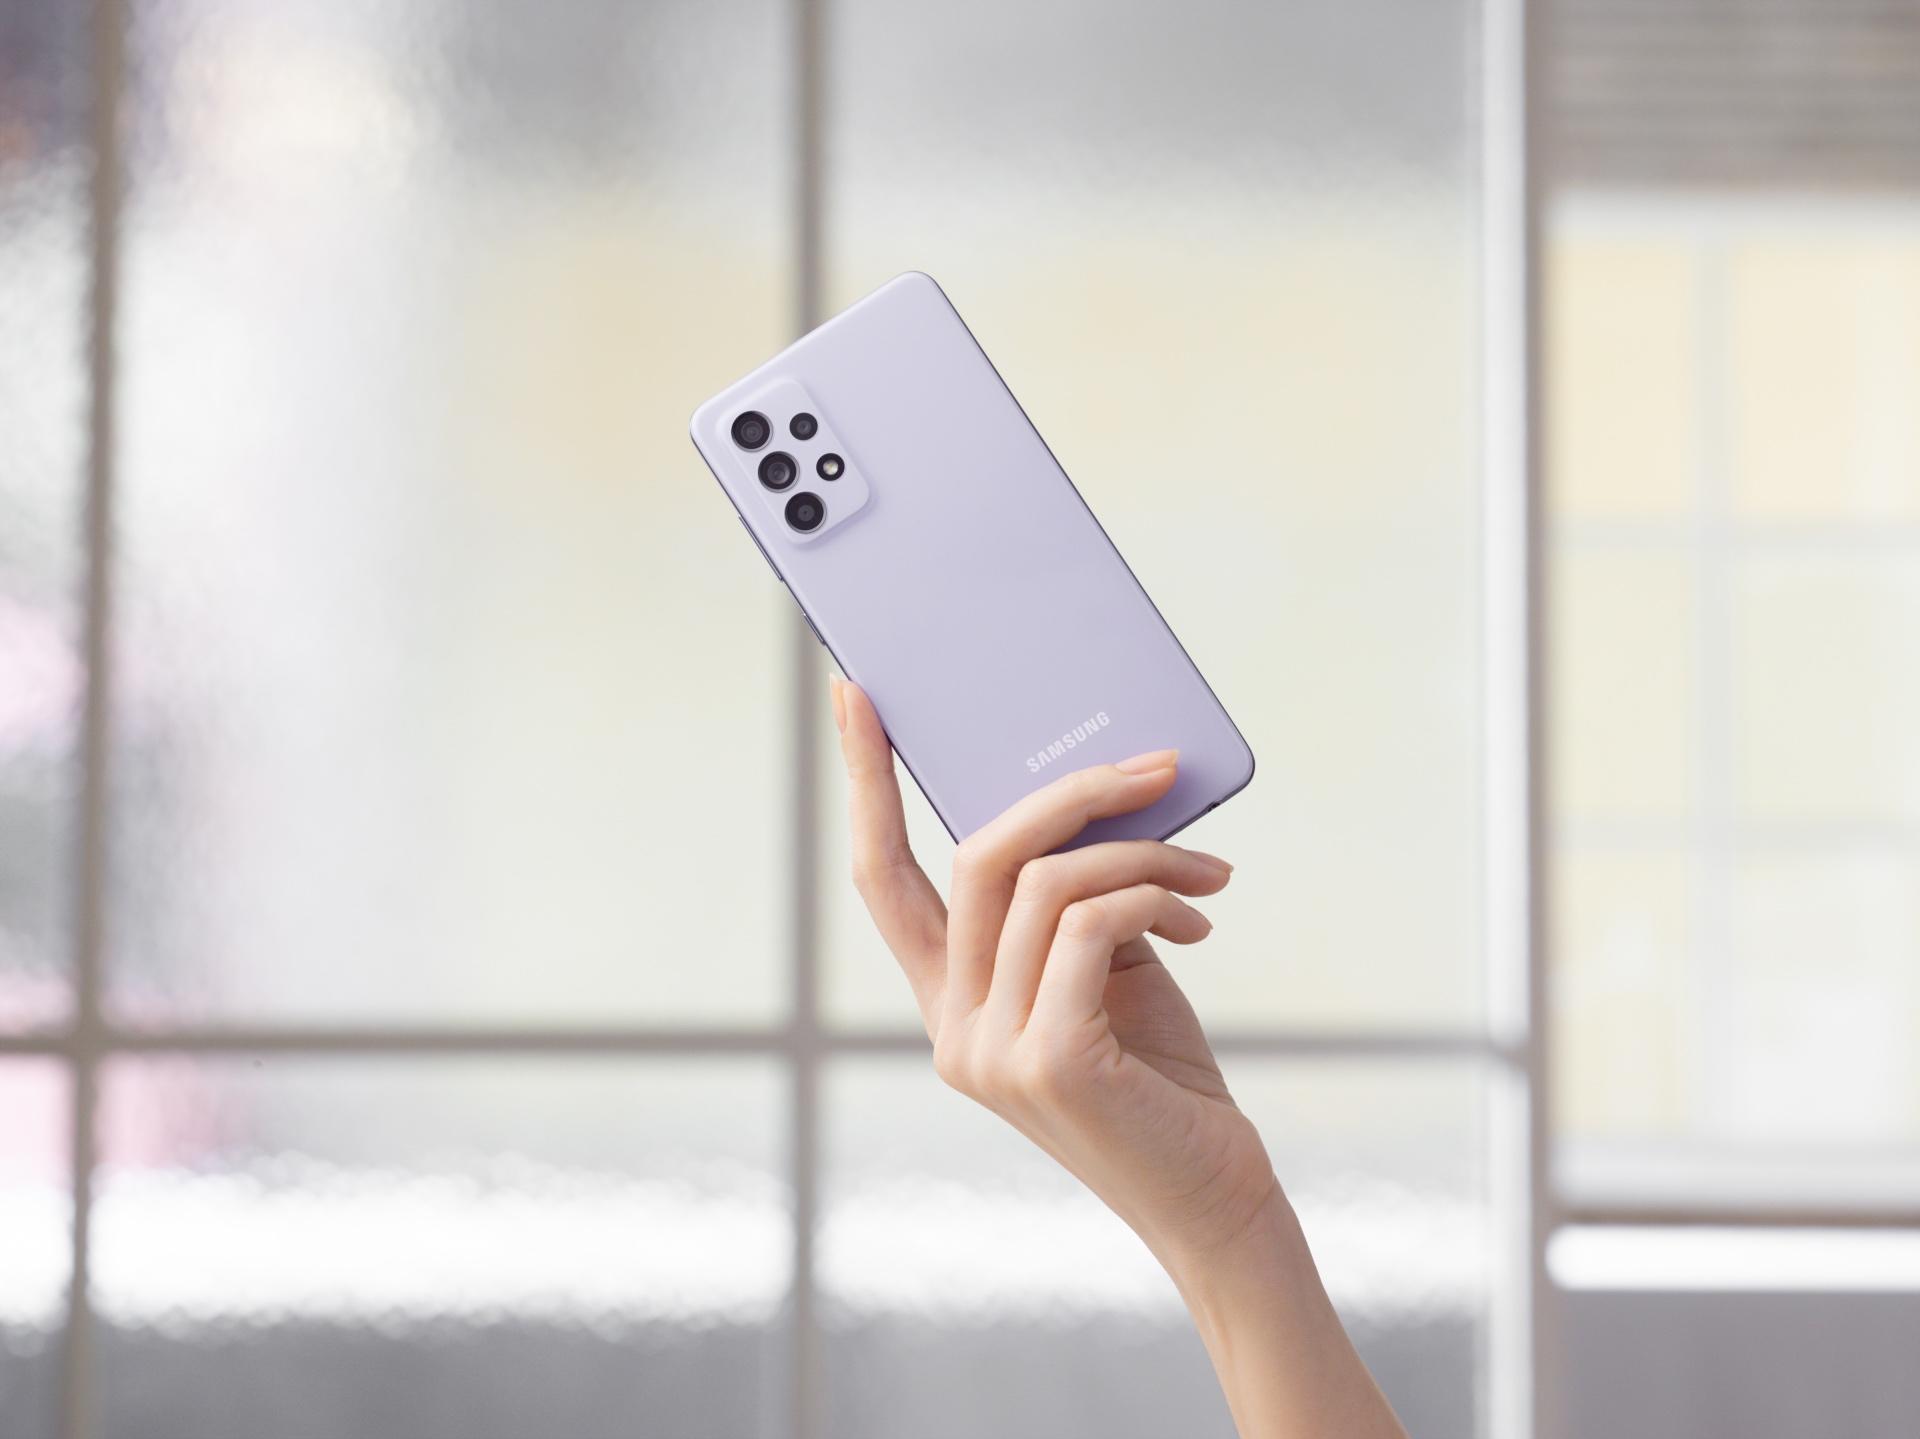 Deal hot cuối tuần: Loạt smartphone giảm giá cực shock lên tới 30%, không thay điện thoại mới là tiếc hùi hụi! - Ảnh 10.